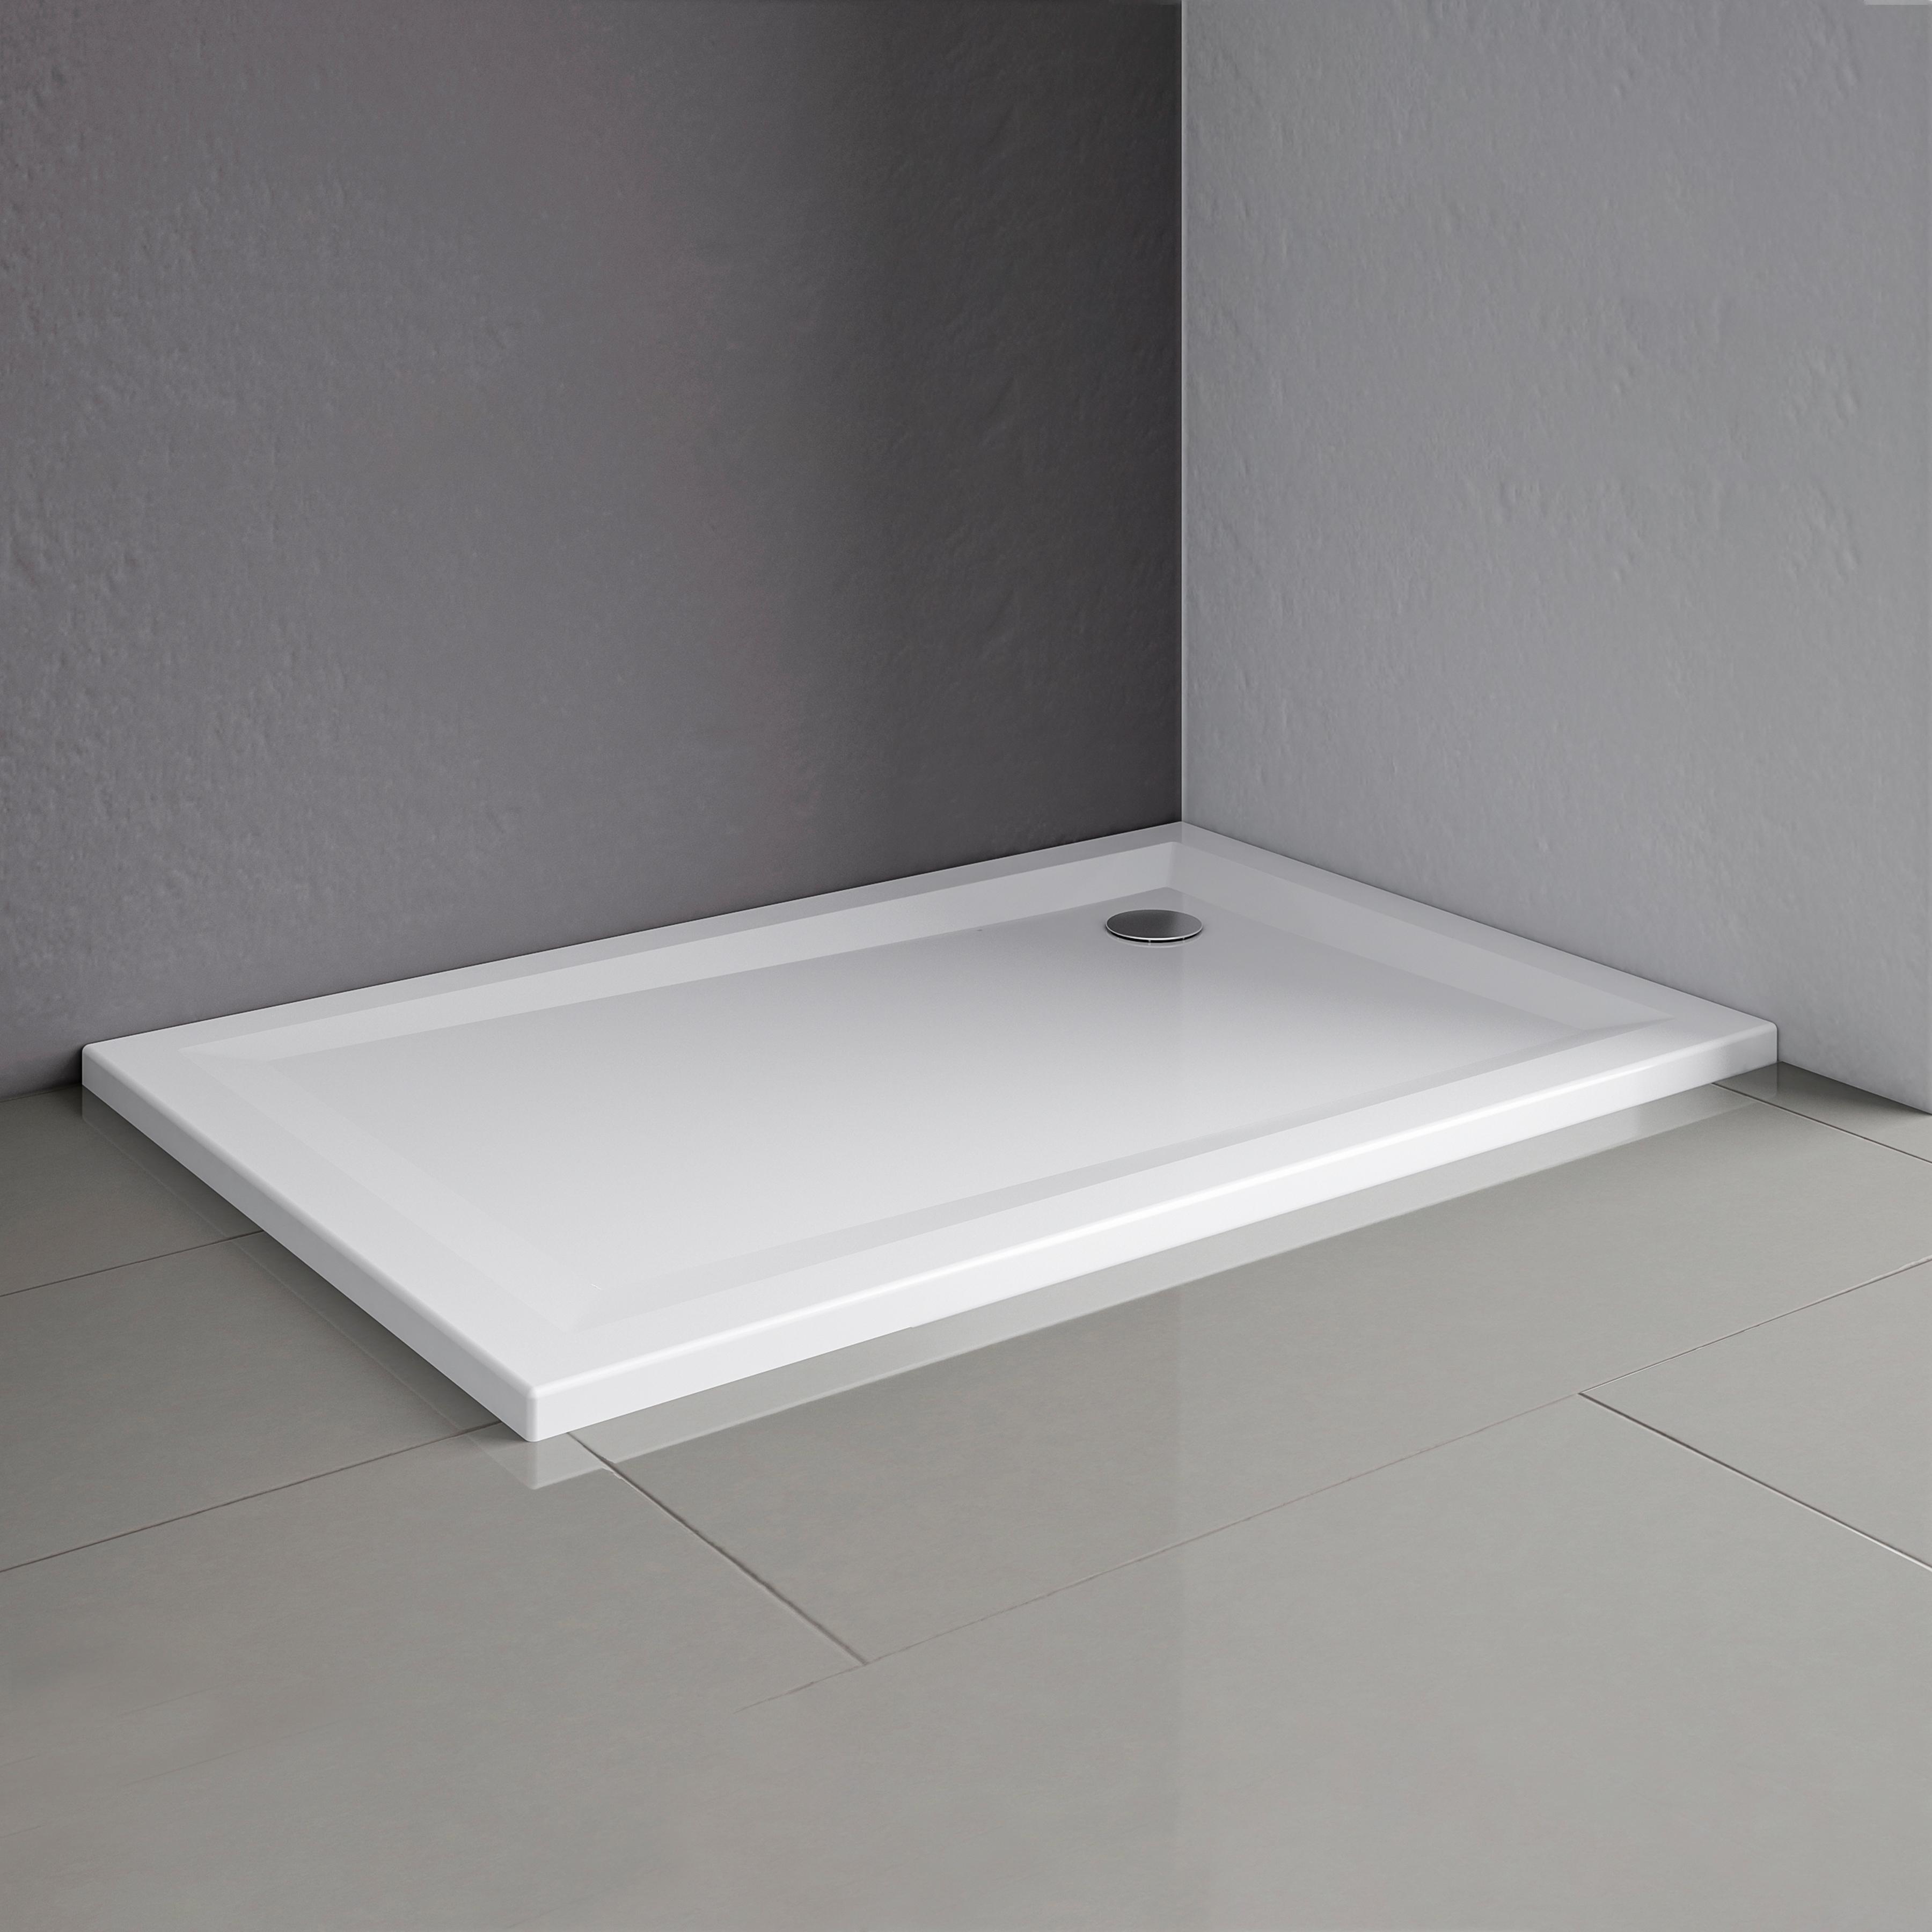 Schulte Duschwanne, flach, inkl. ABlaufgarnitur und Füße weiß Duschwannen Duschen Bad Sanitär